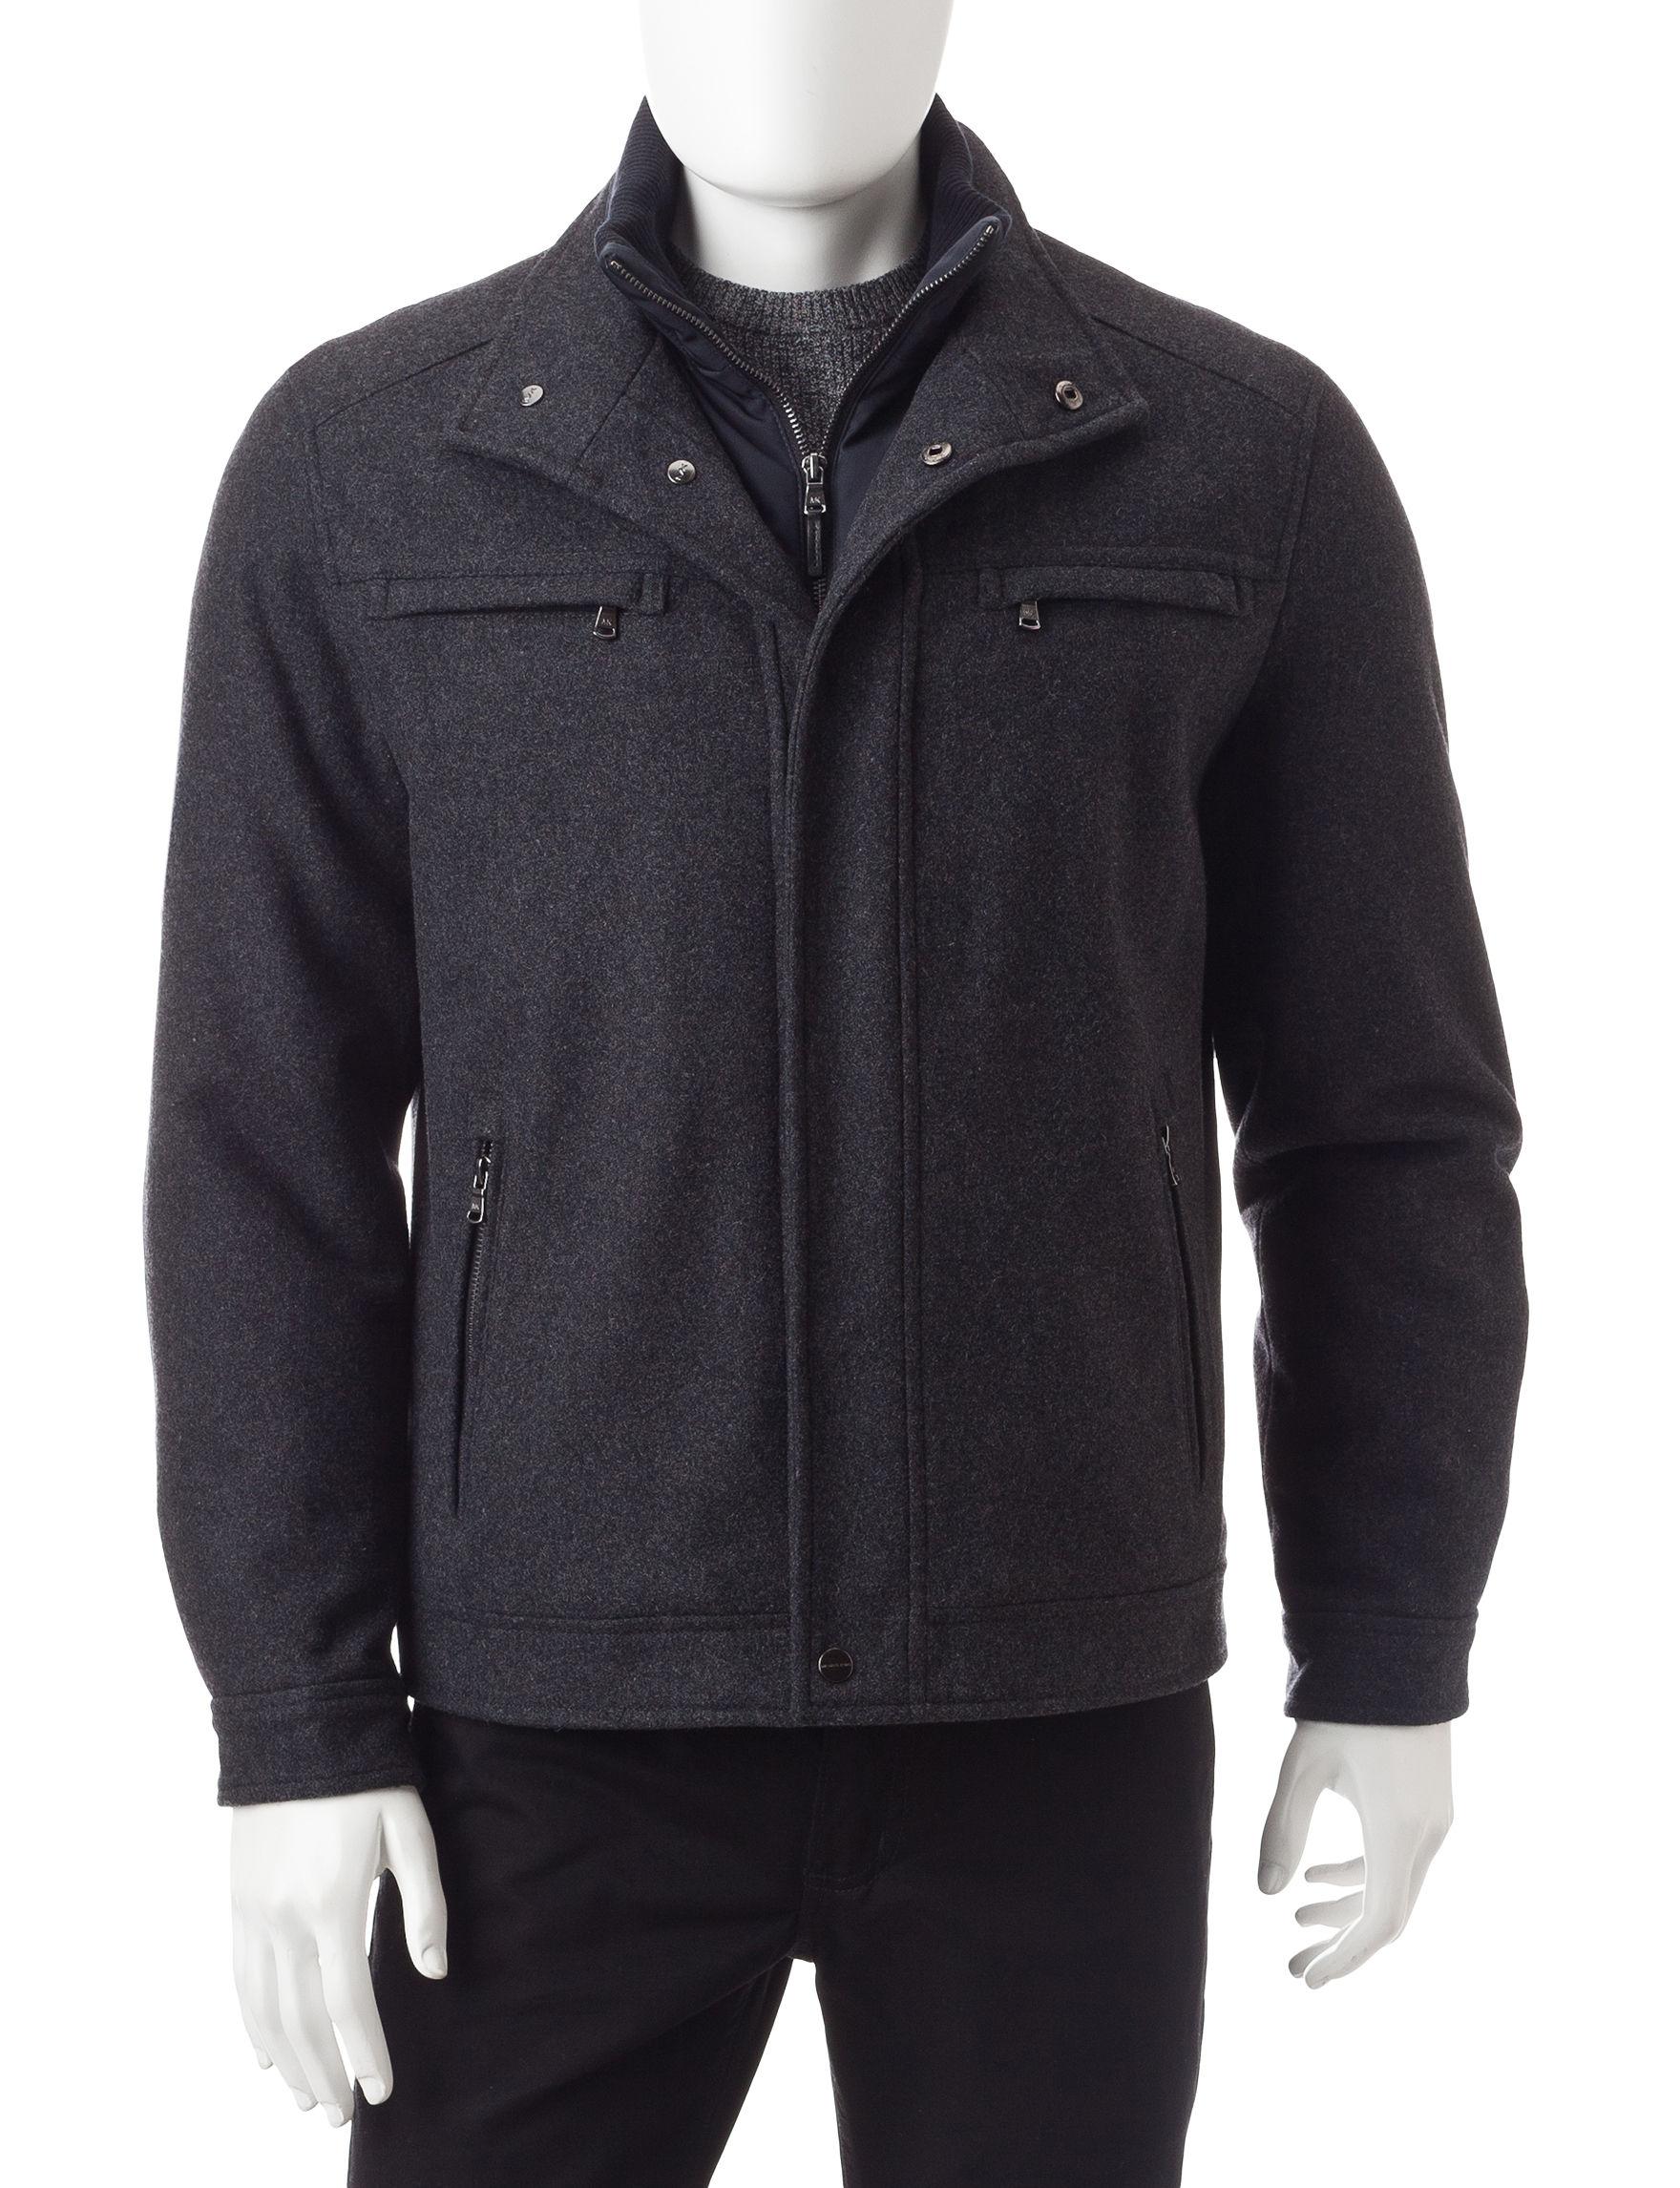 Michael Kors Black Car Coats